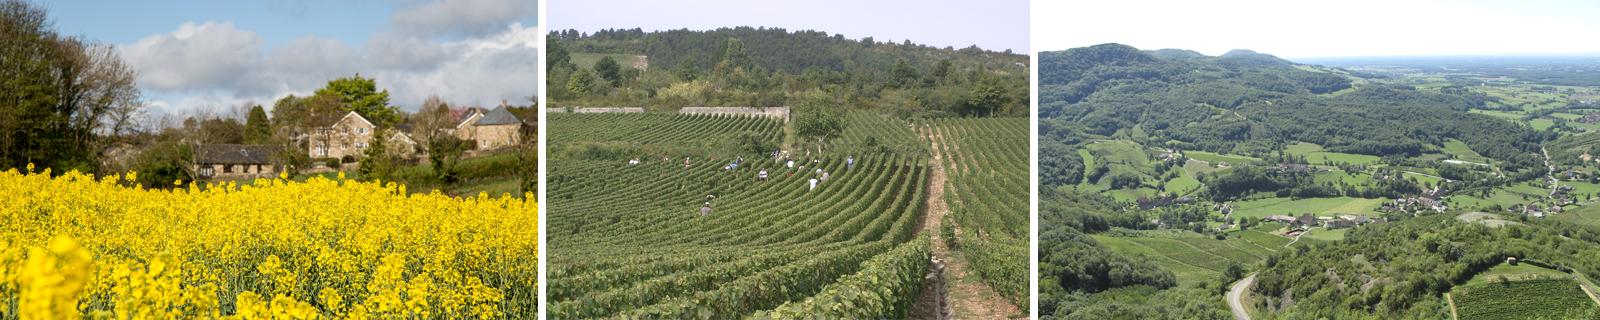 Agence sécurité en région Bourgogne Franche Comté | ATLANTIS SÉCURITÉ